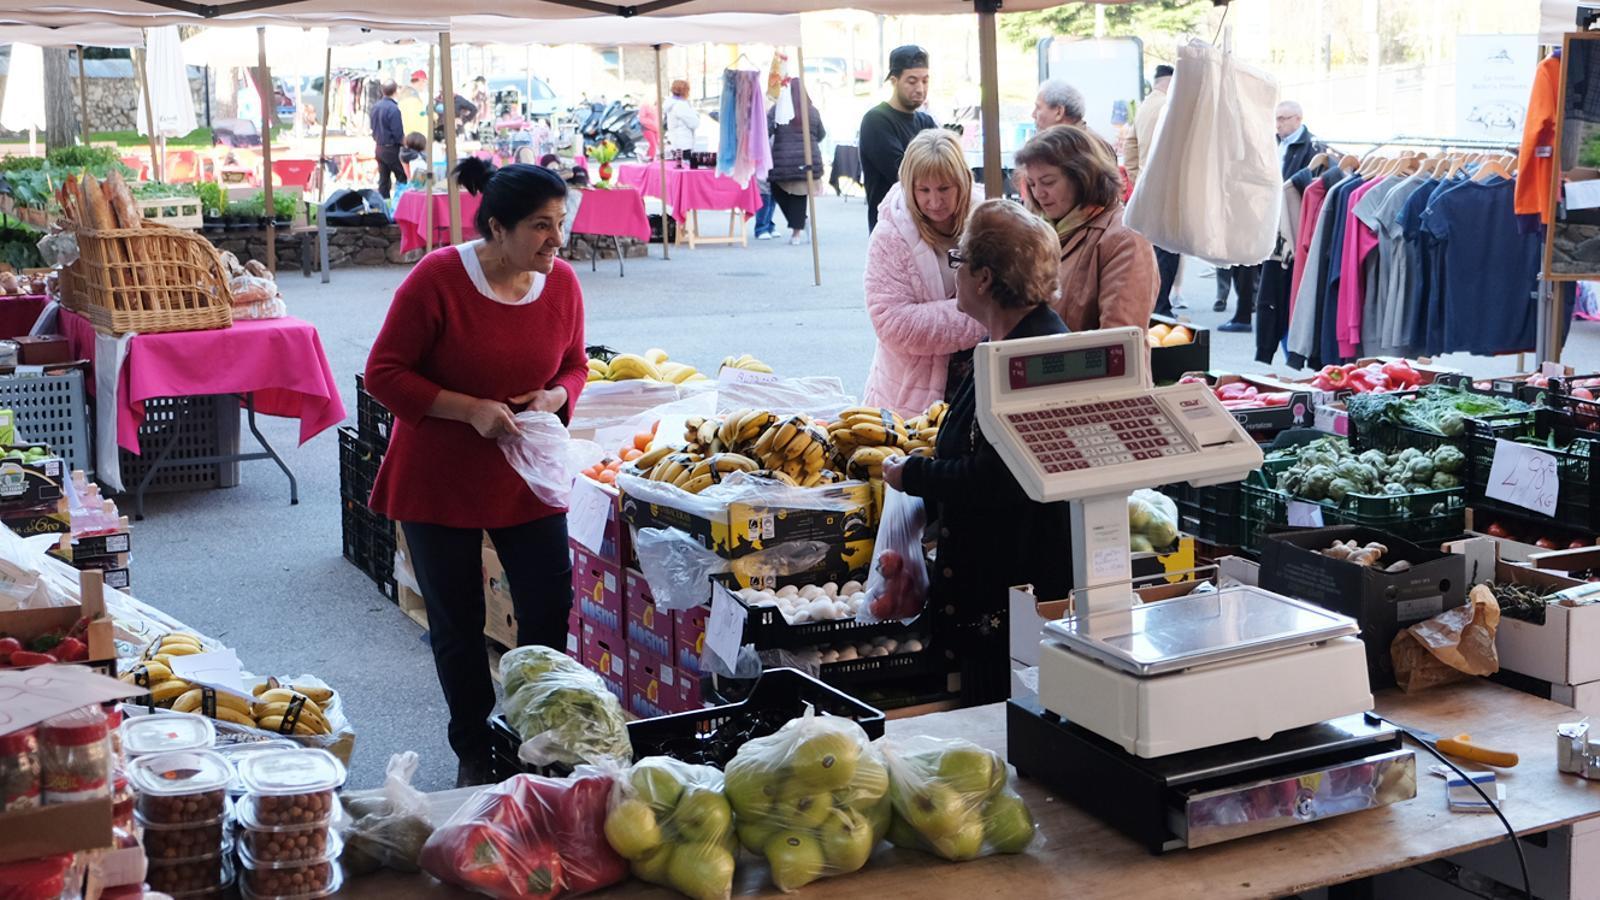 La fruita i la verdura és un dels principals reclams del mercat. / M. T.  (ANA)